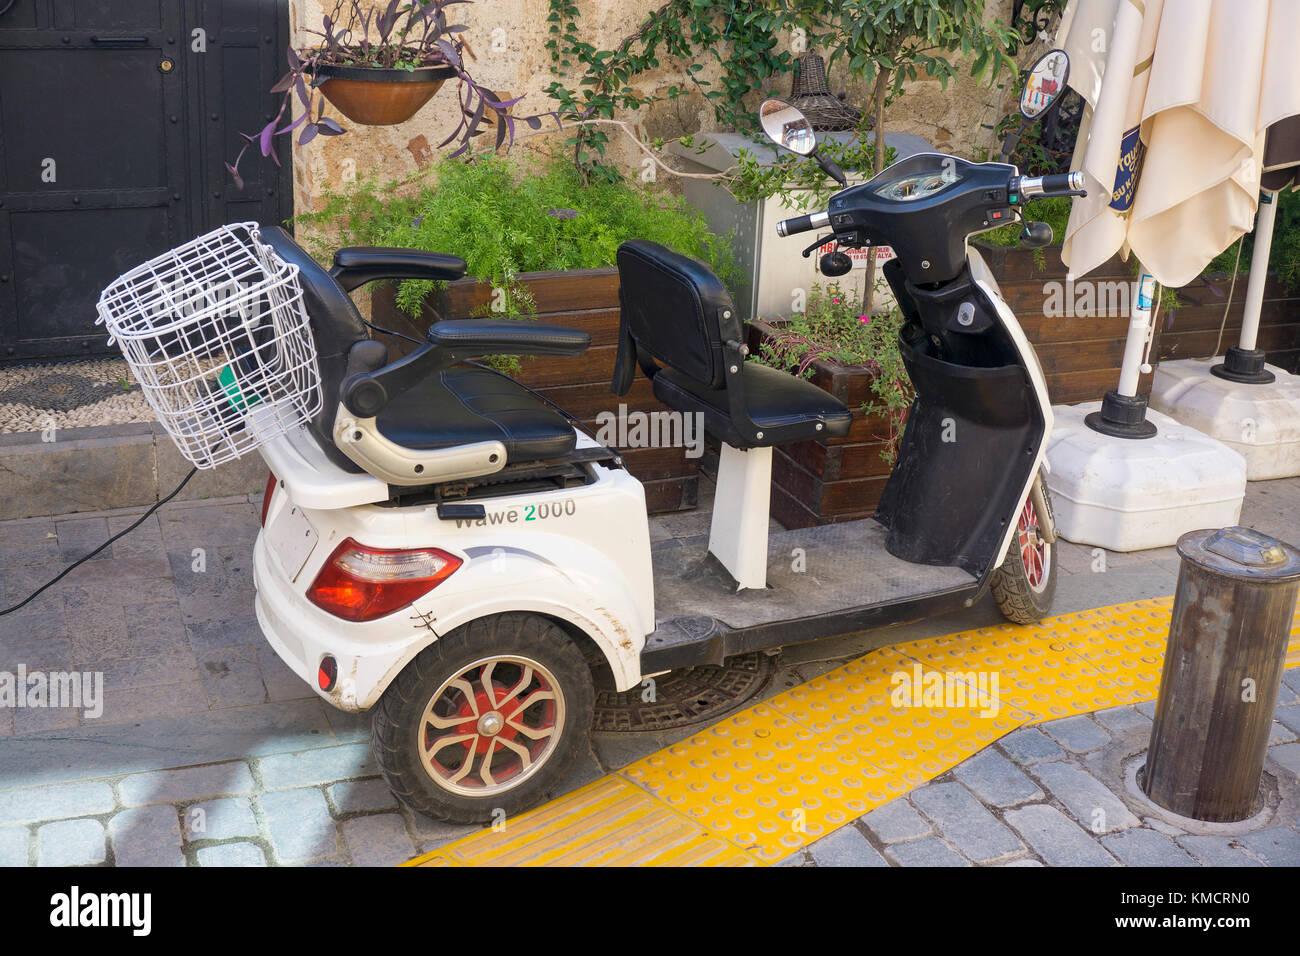 Chinesische e-Scooter im Kaleici, der Altstadt von Antalya, Türkische Riviera, Türkei Stockbild